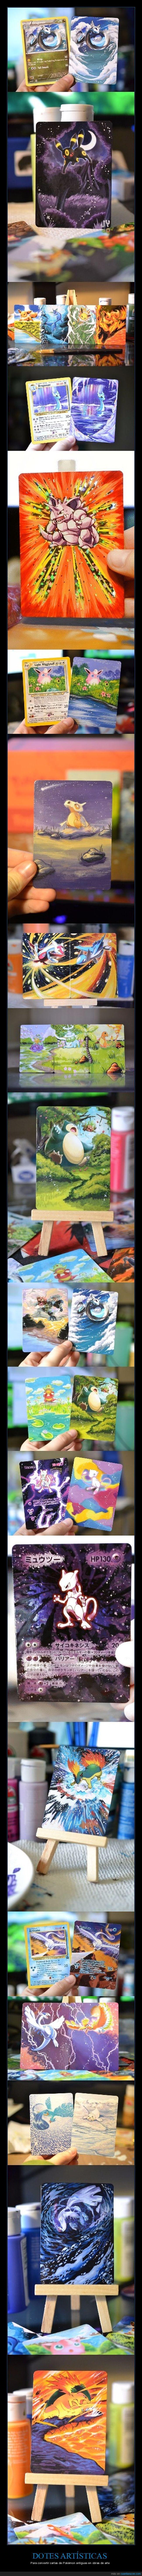 Chica revive cartas de Pokémon antiguas y las redibuja de forma espectacular - Para convertir cartas de Pokémon antiguas en obras de arte   Gracias a http://www.cuantarazon.com/   Si quieres leer la noticia completa visita: http://www.skylight-imagen.com/chica-revive-cartas-de-pokemon-antiguas-y-las-redibuja-de-forma-espectacular-para-convertir-cartas-de-pokemon-antiguas-en-obras-de-arte/